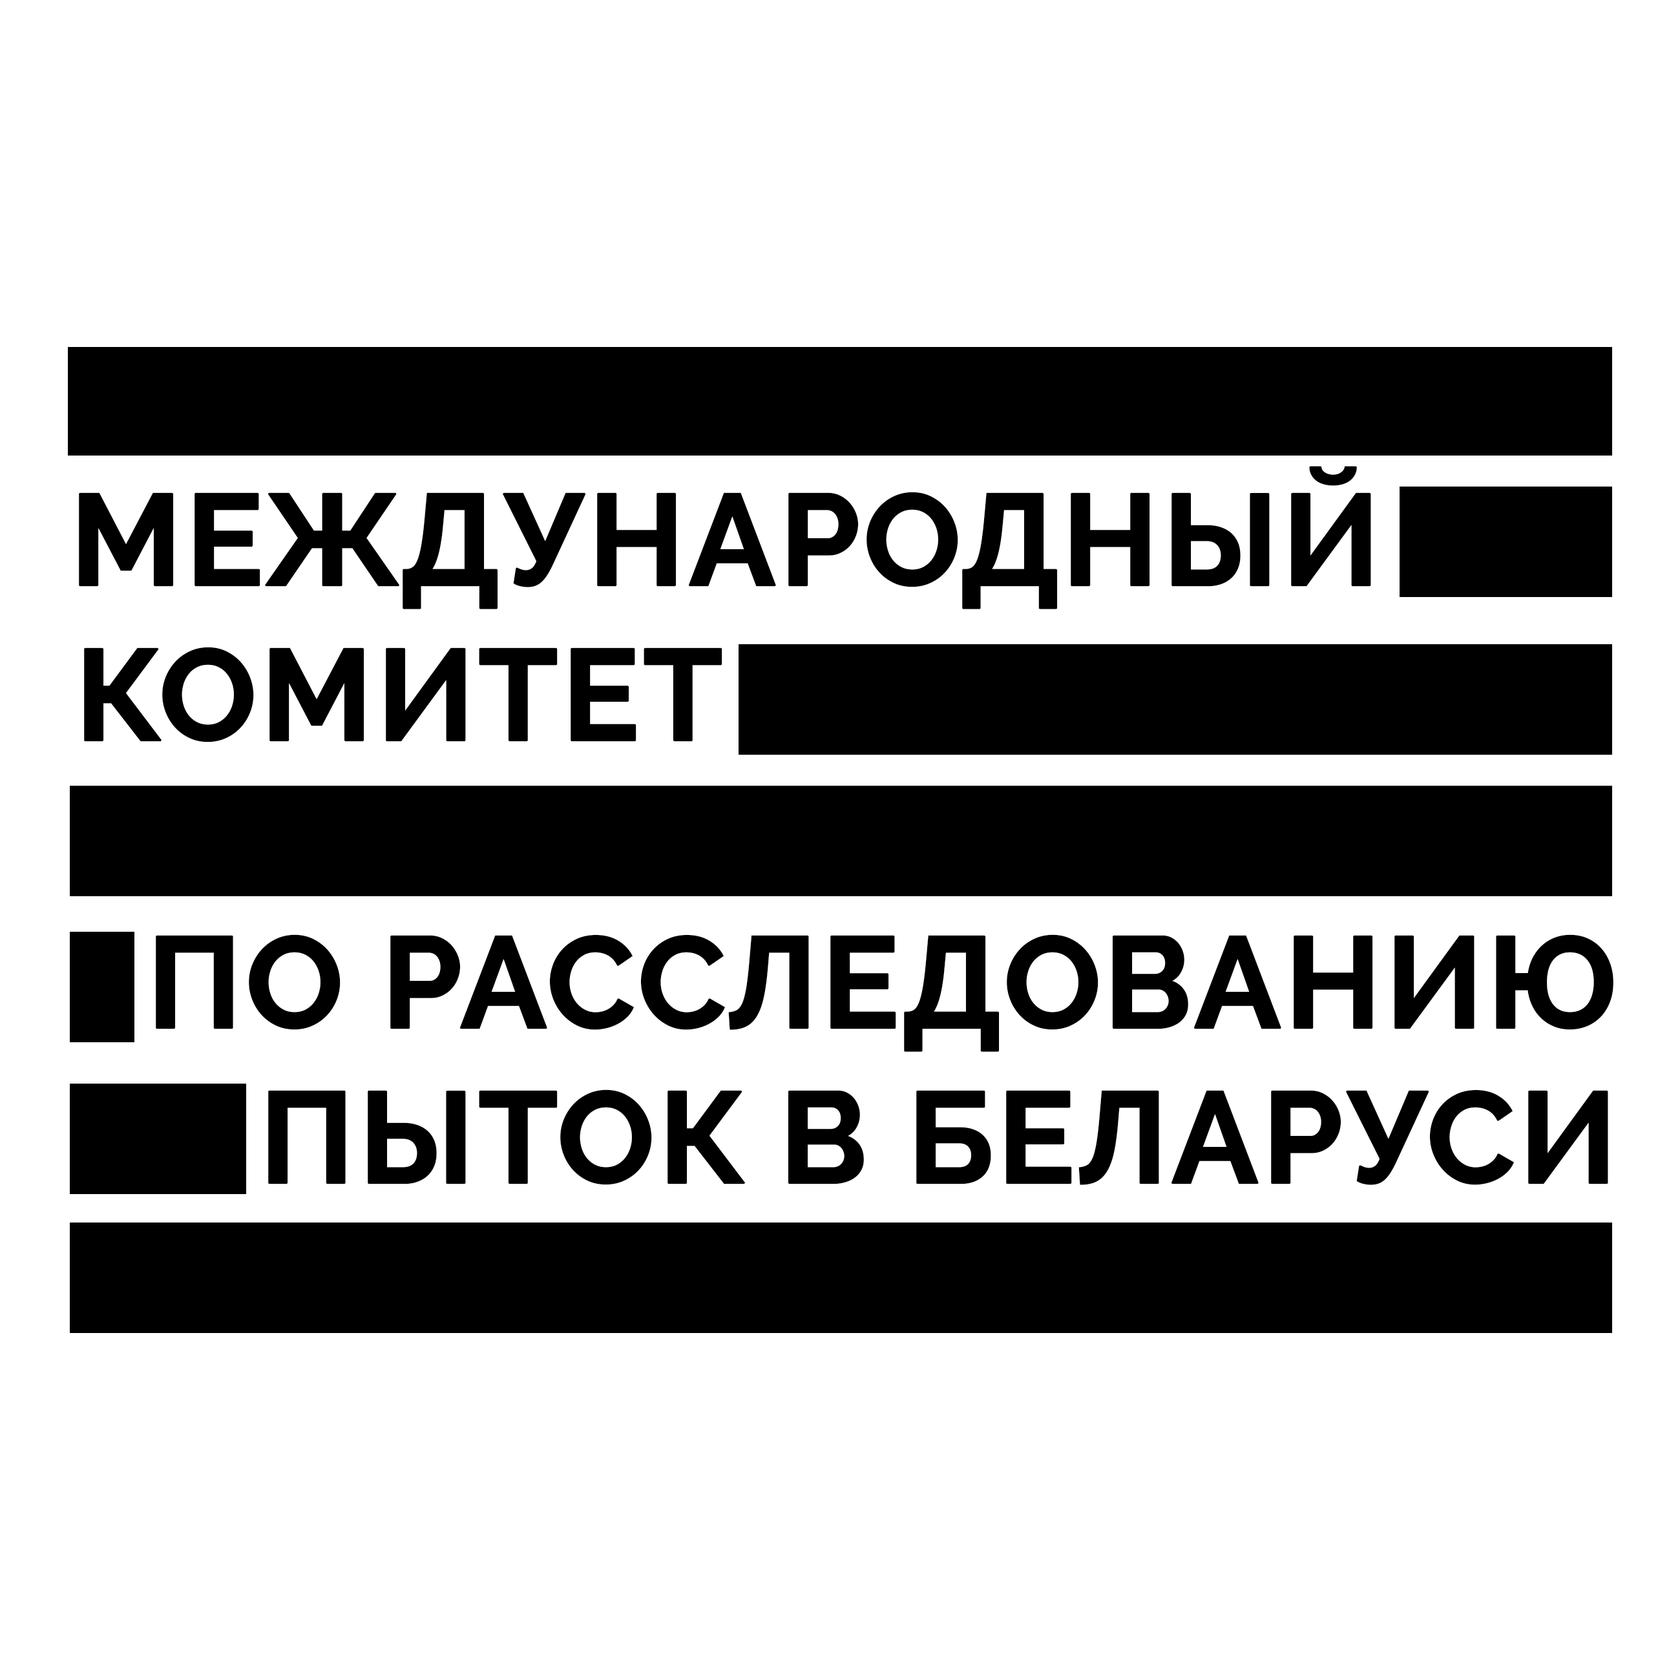 Международный комитет по расследованию пыток в Беларуси